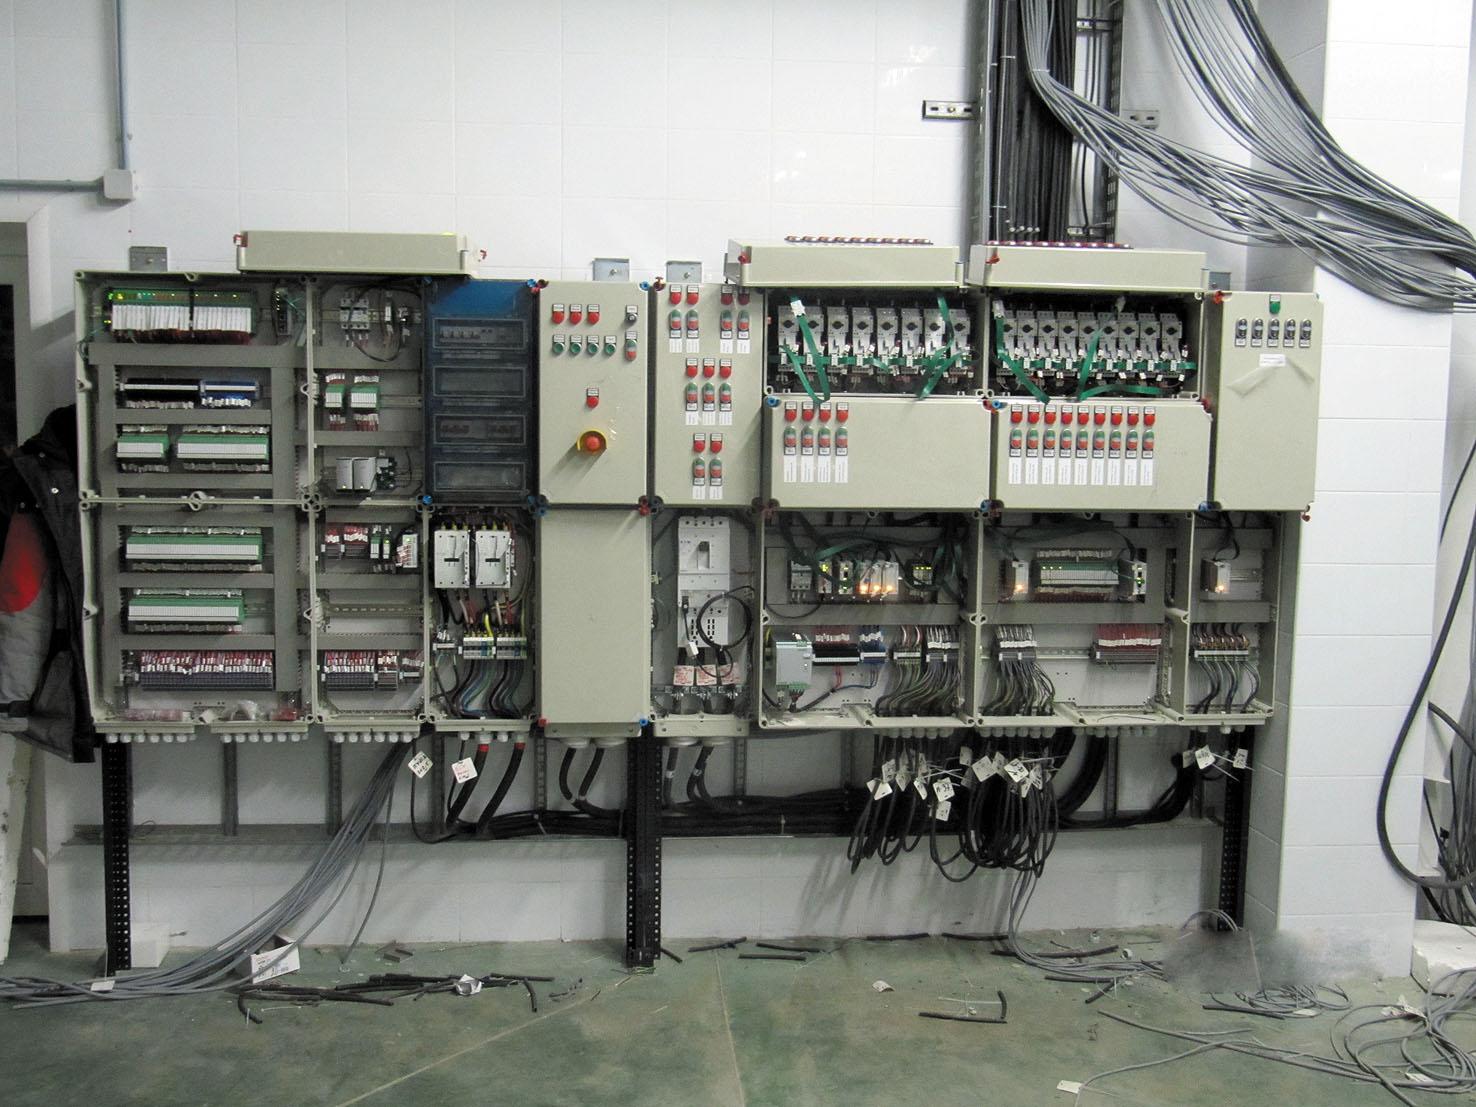 Рис. 4. Коммуникационная система Eaton SmartWire-DT на заводе «ДАМАТЕ», г. Пенза